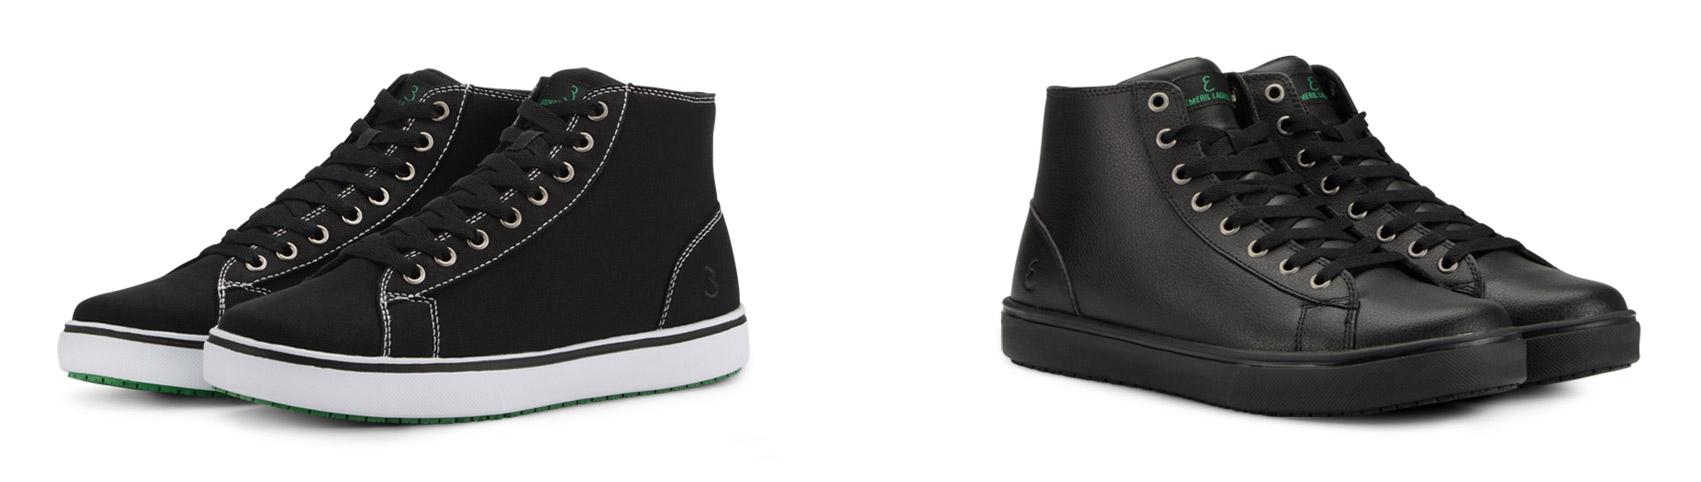 Emeril Quarter Men's ... Water-Resistant Shoes rqzDRZm